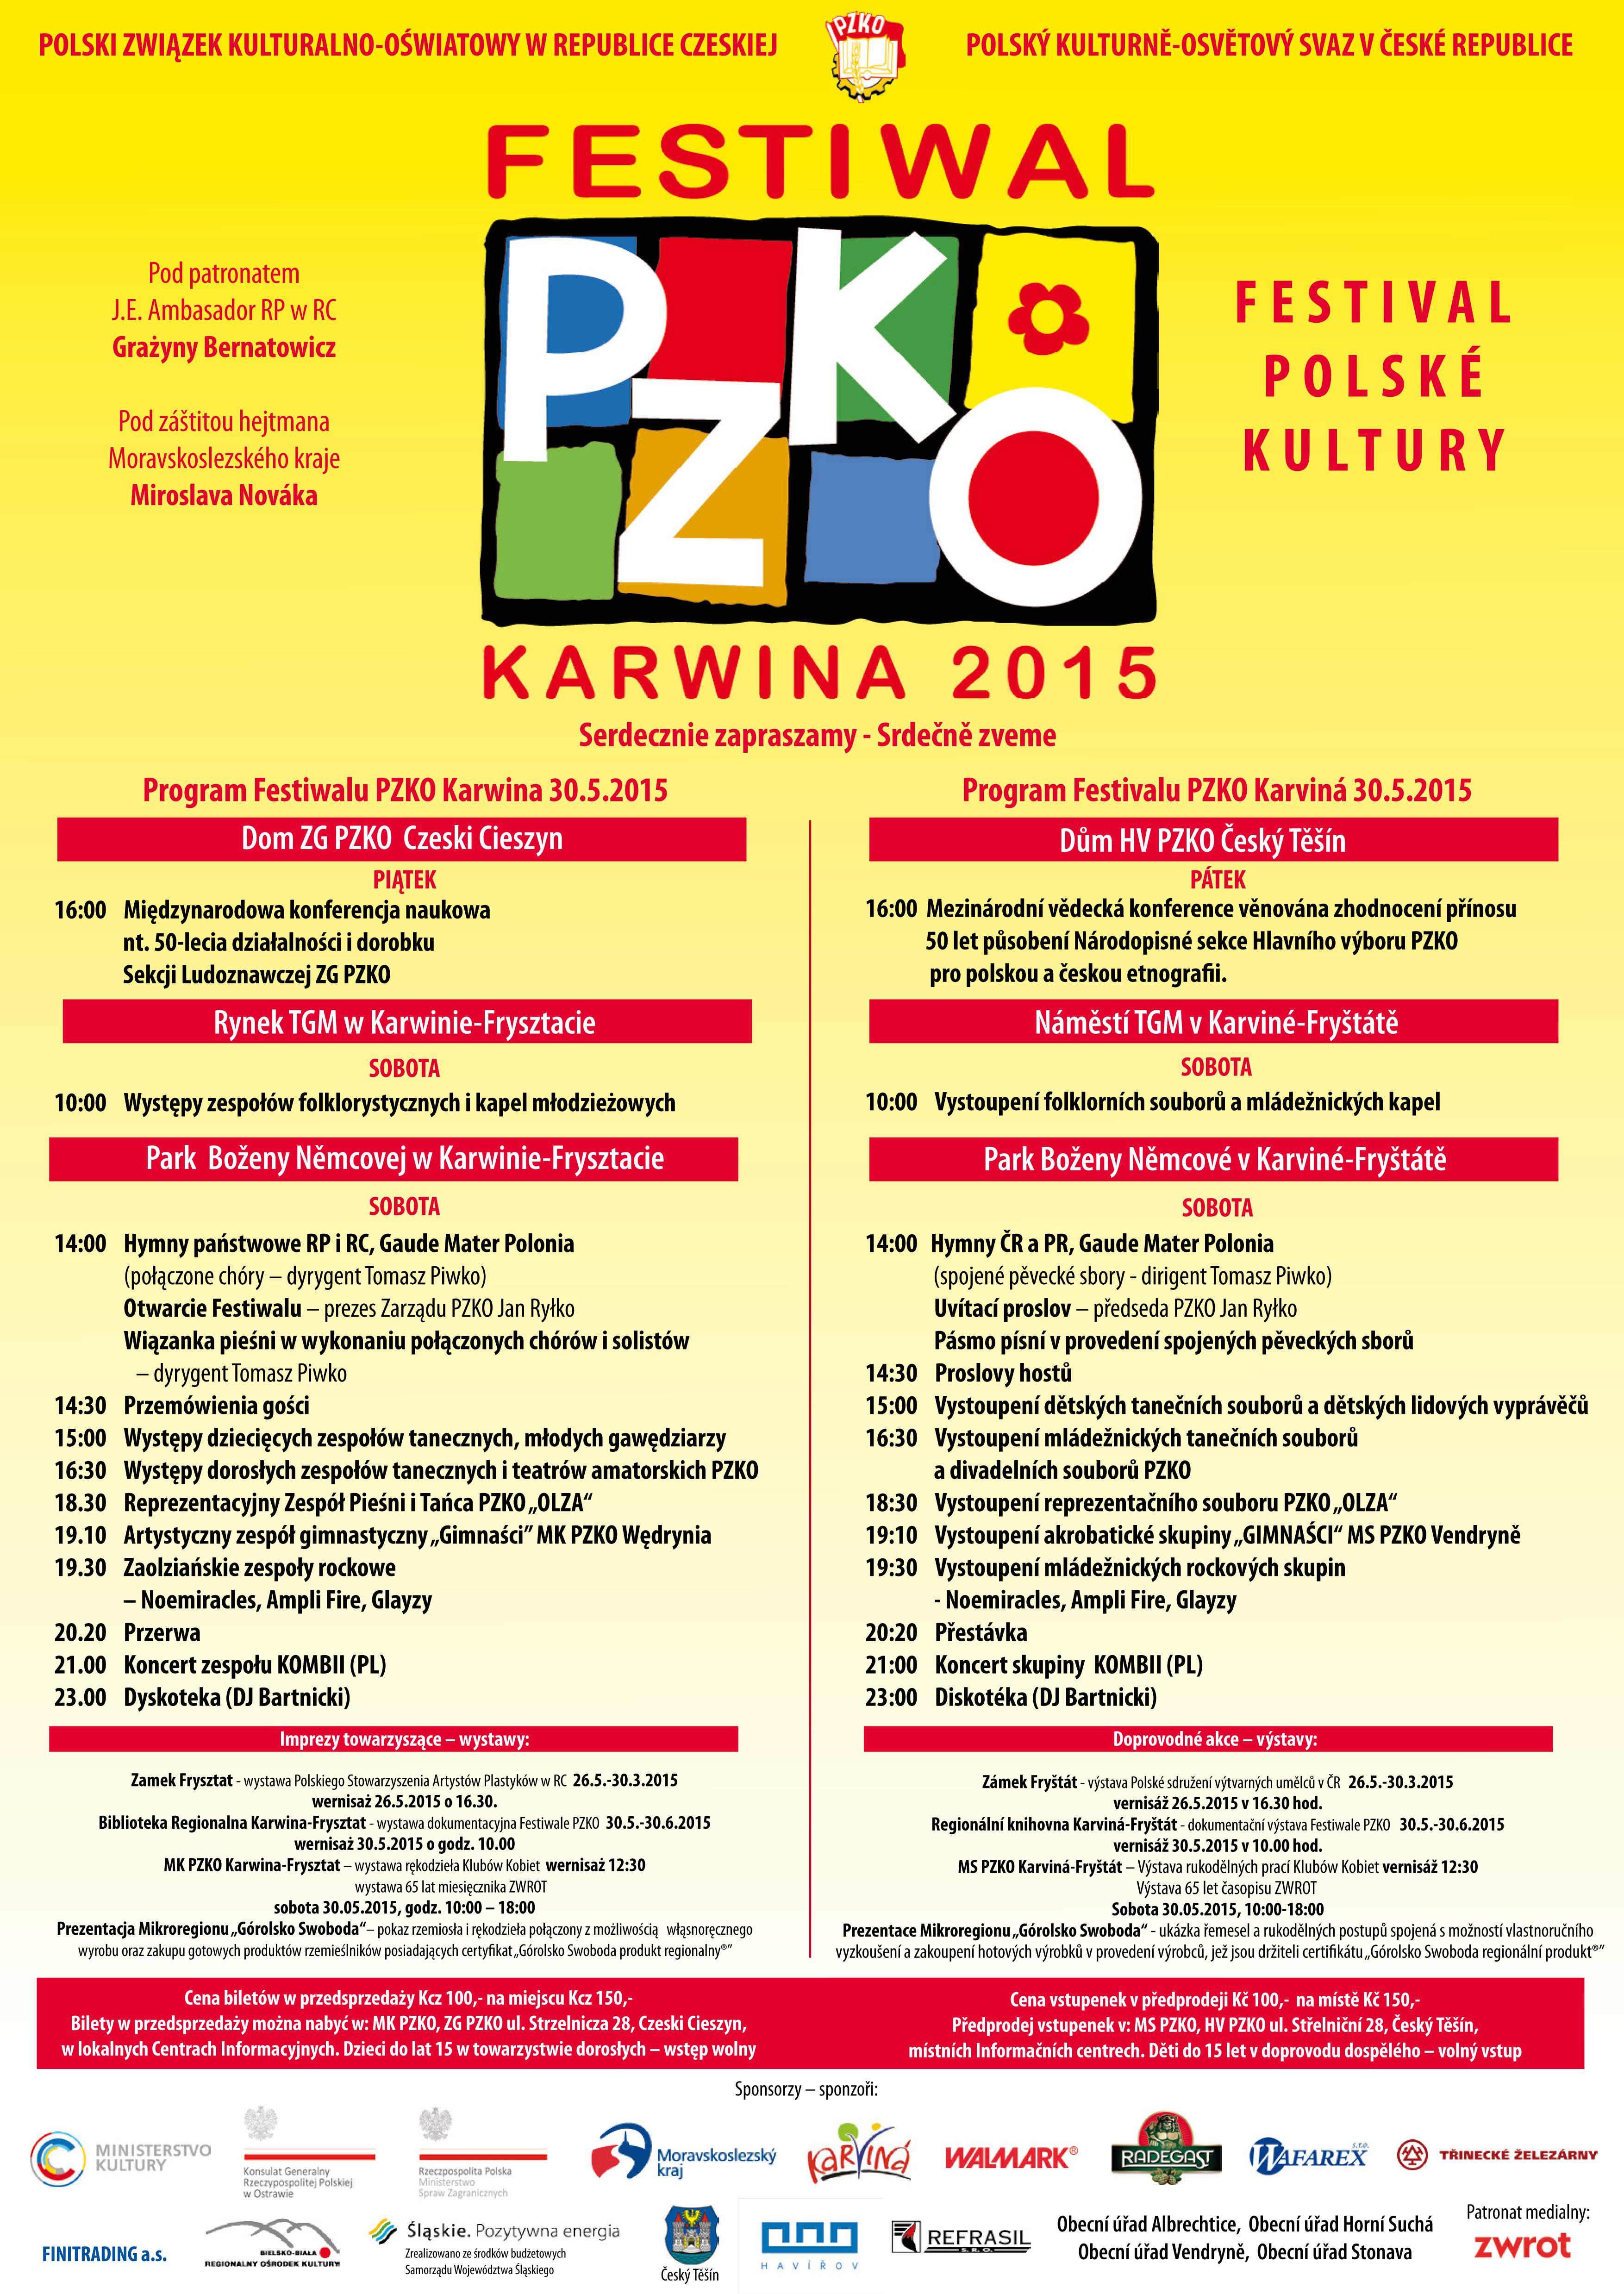 Gdzie kupić bilety na Festiwal PZKO?